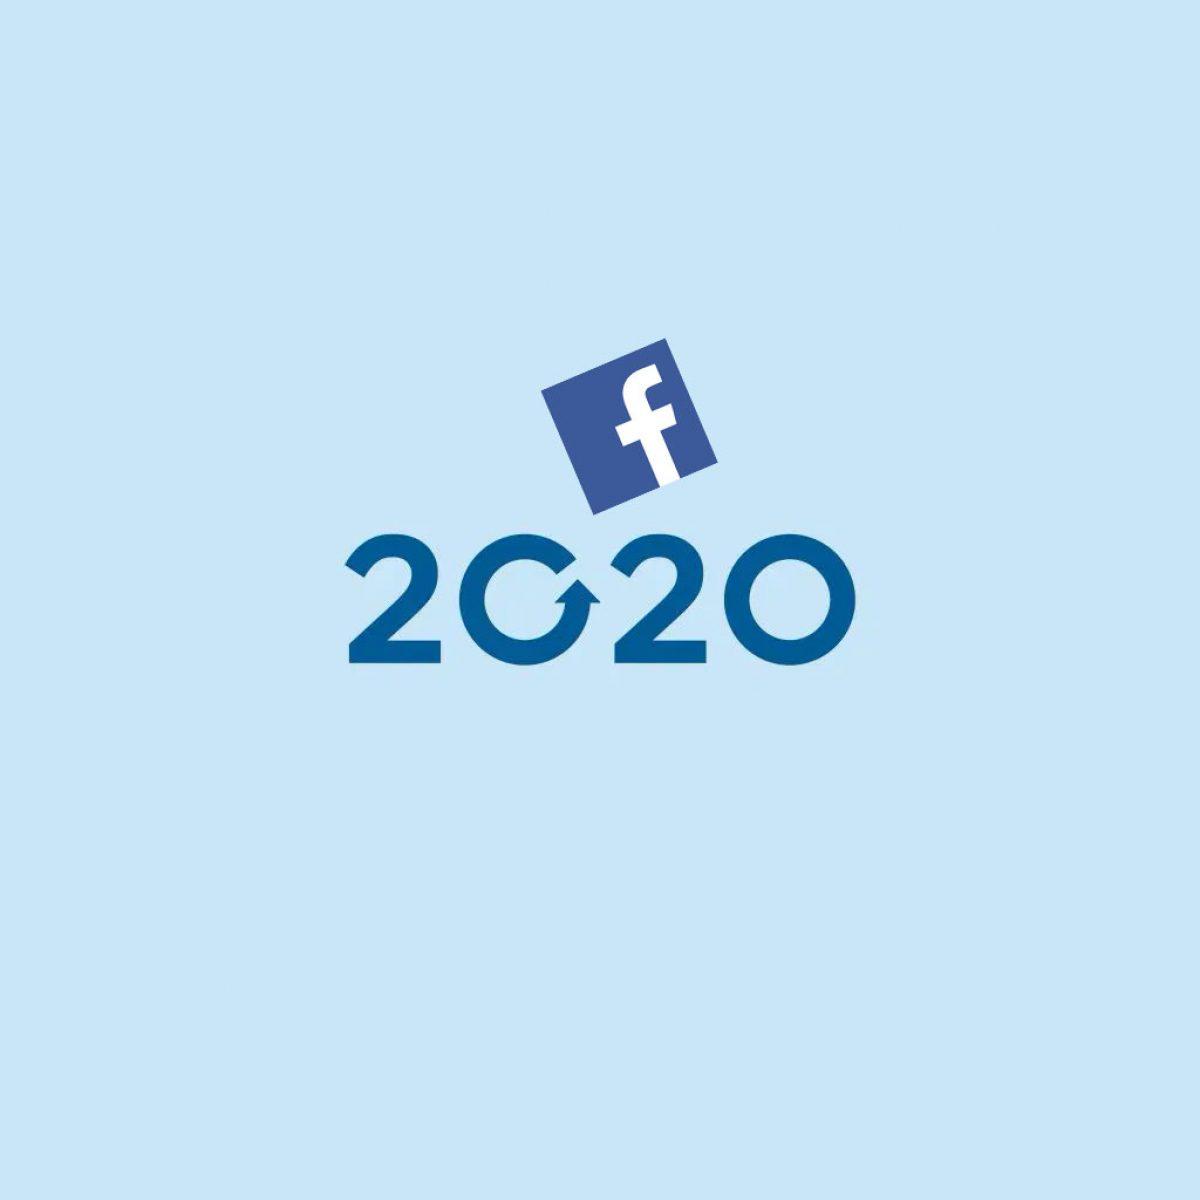 Como usar a retrospectiva 2020